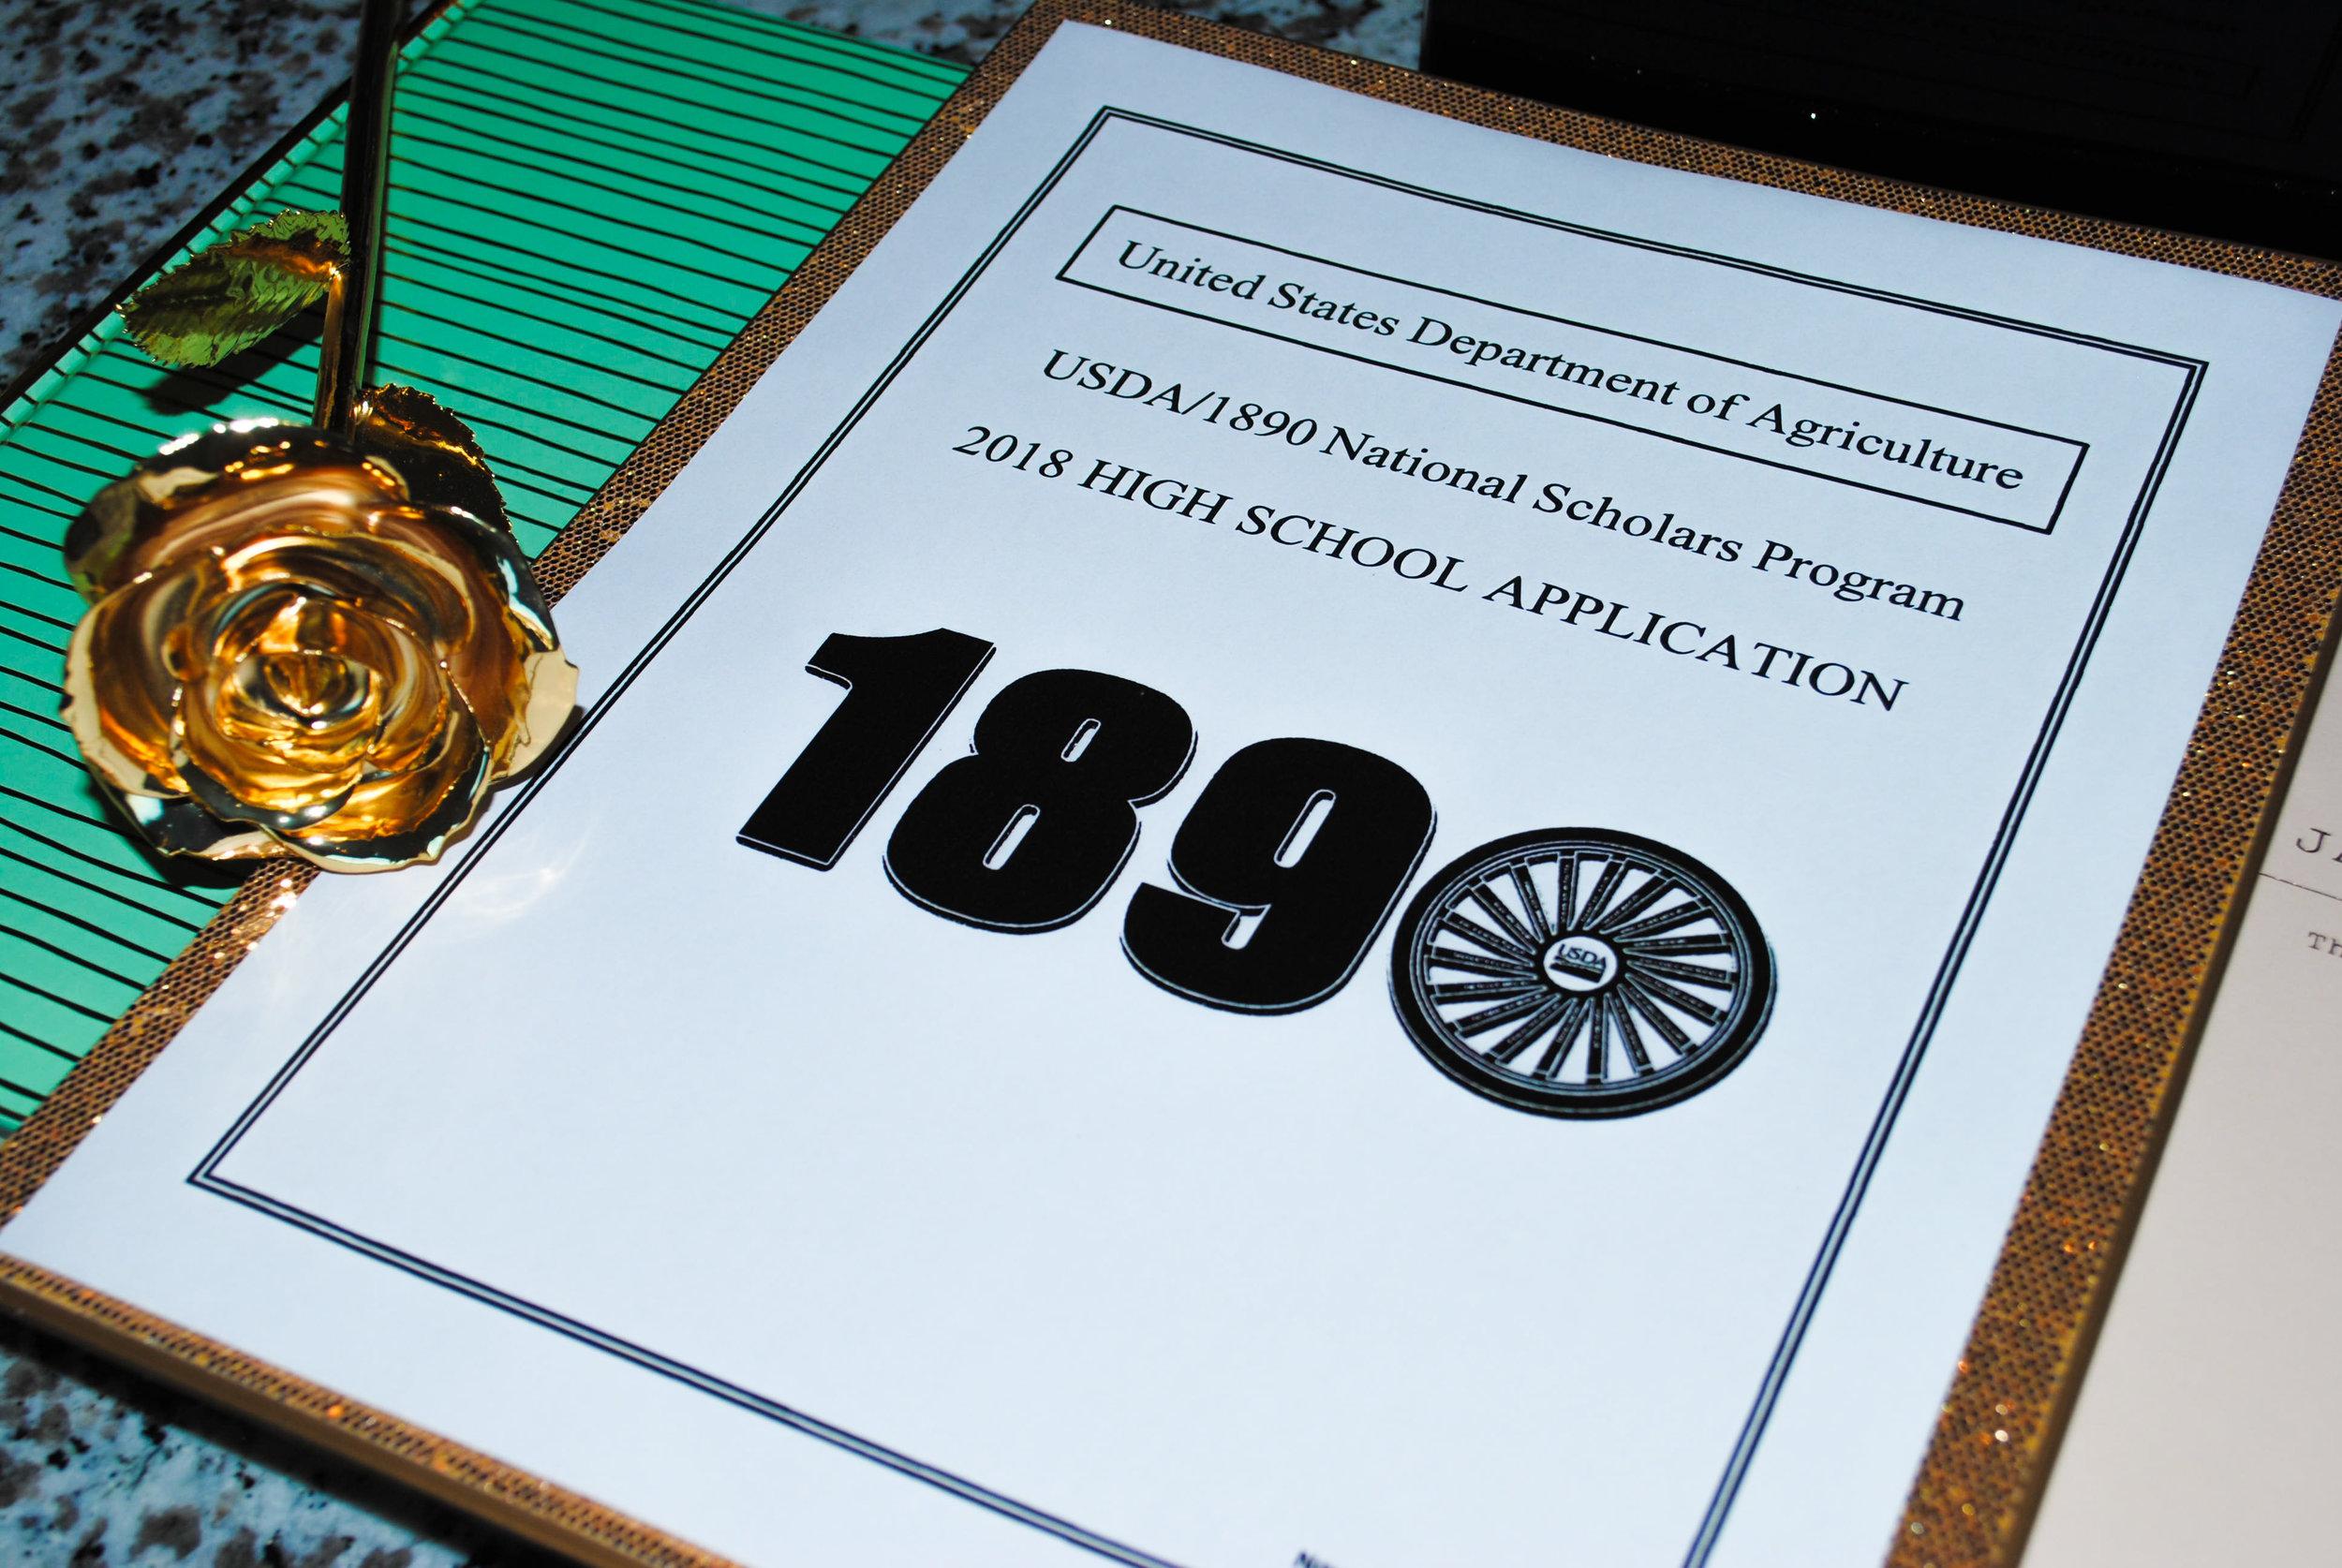 USDA 1890 National Scholarship.JPG